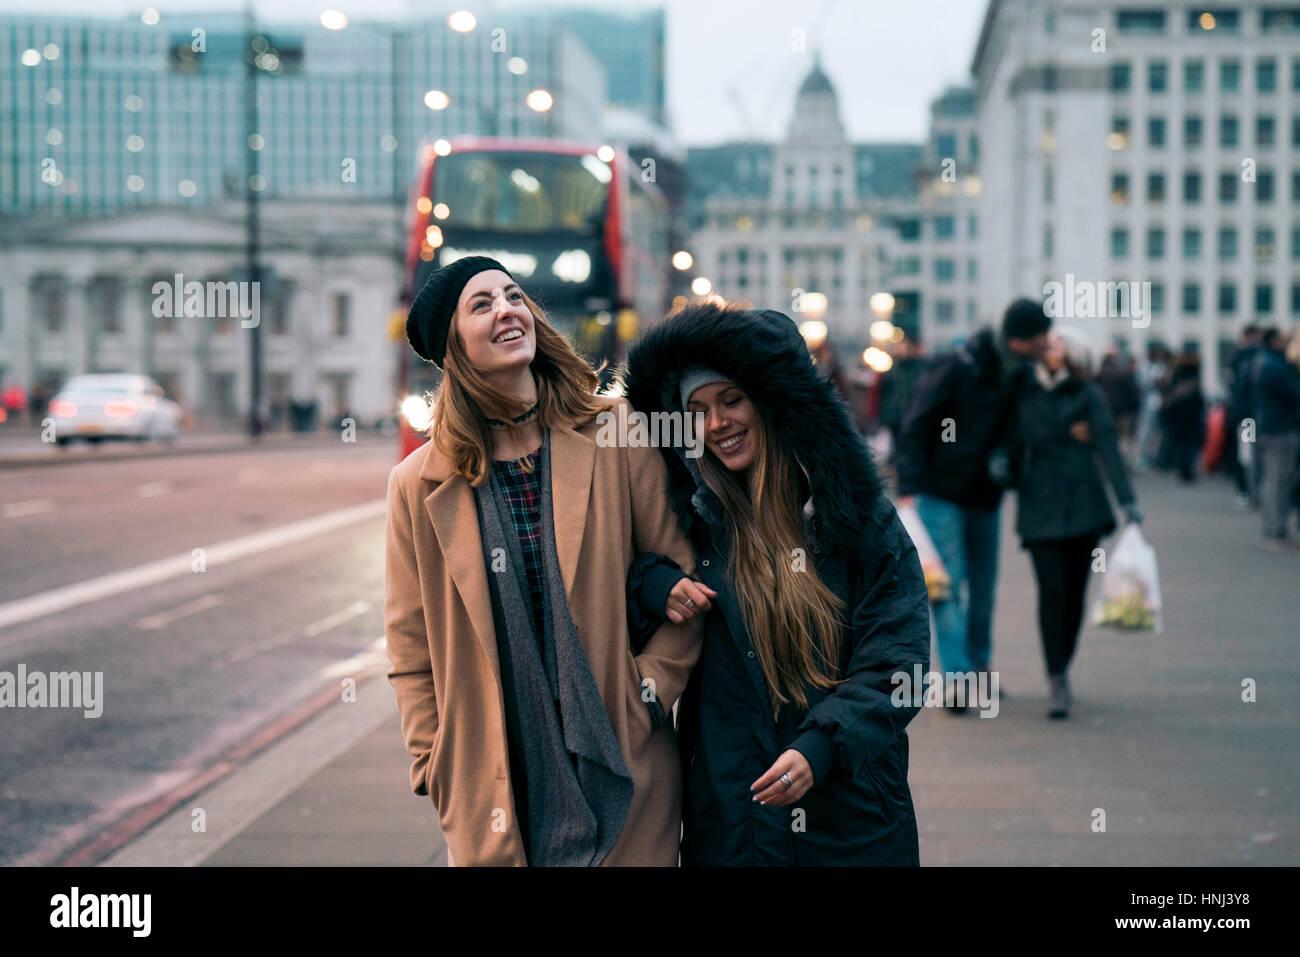 Amigos sonriente caminando por carretera en ciudad Imagen De Stock